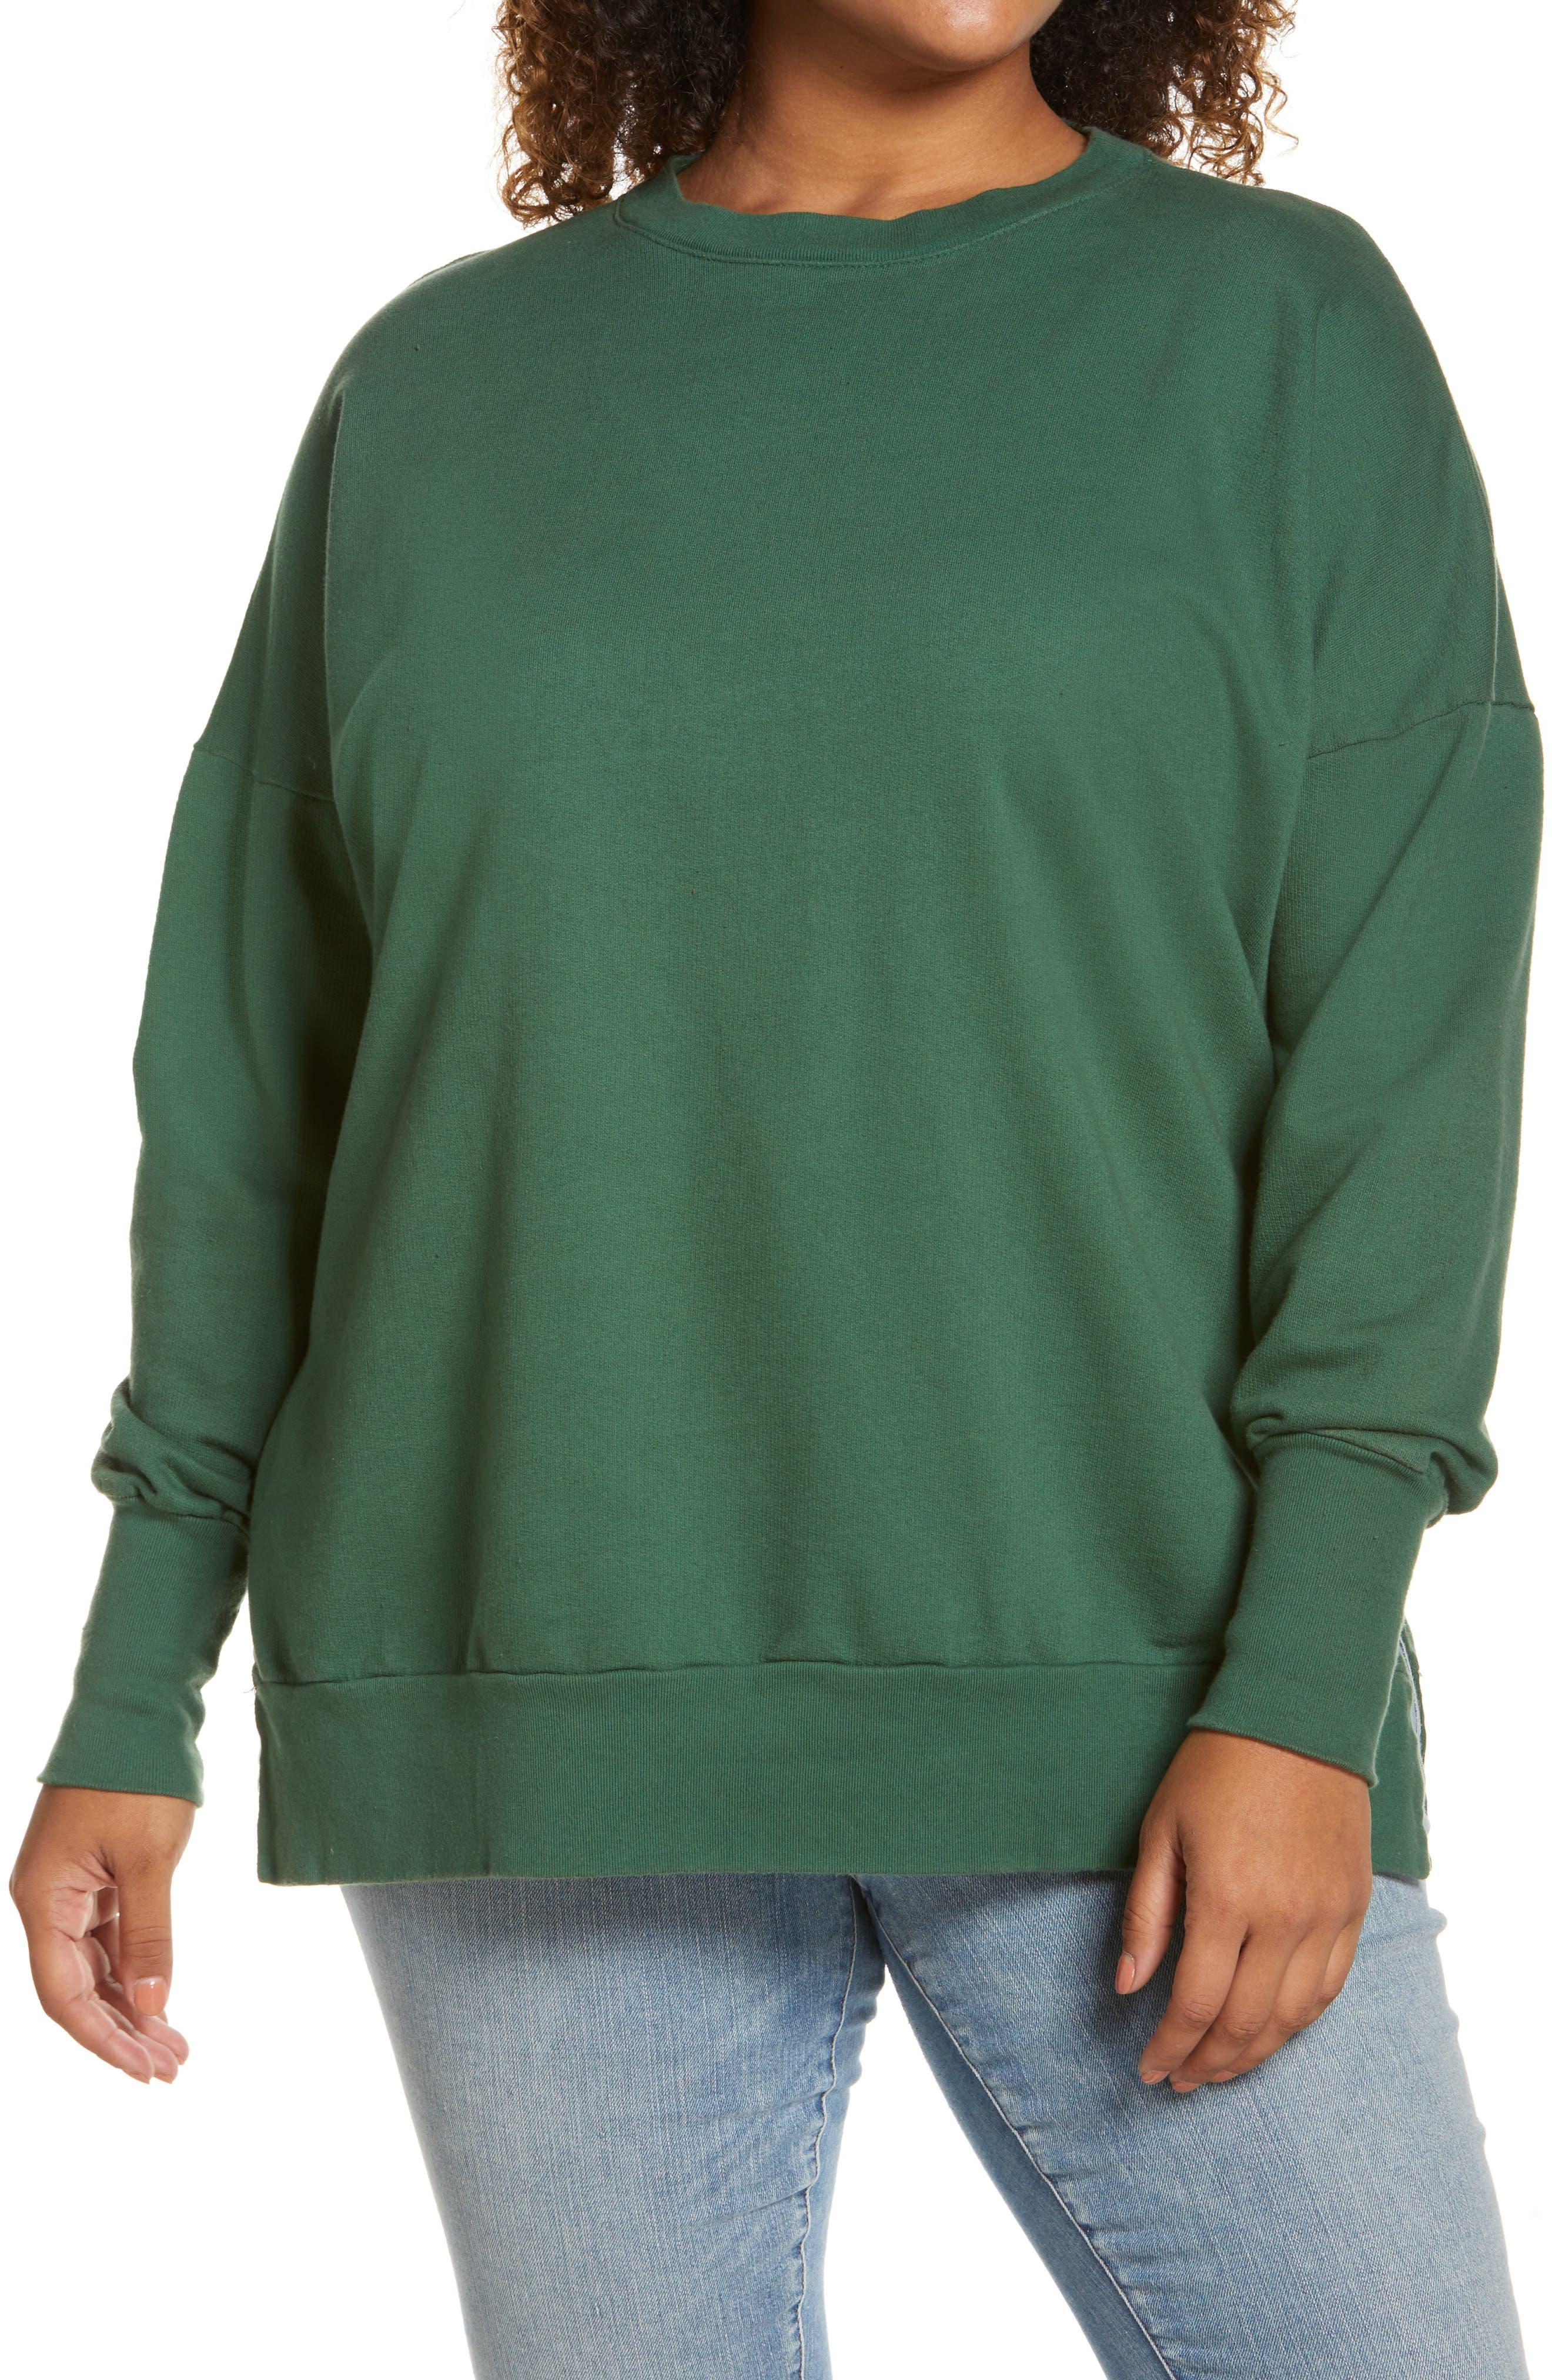 Plus Size Women's Caslon Side Slit Tunic Sweatshirt